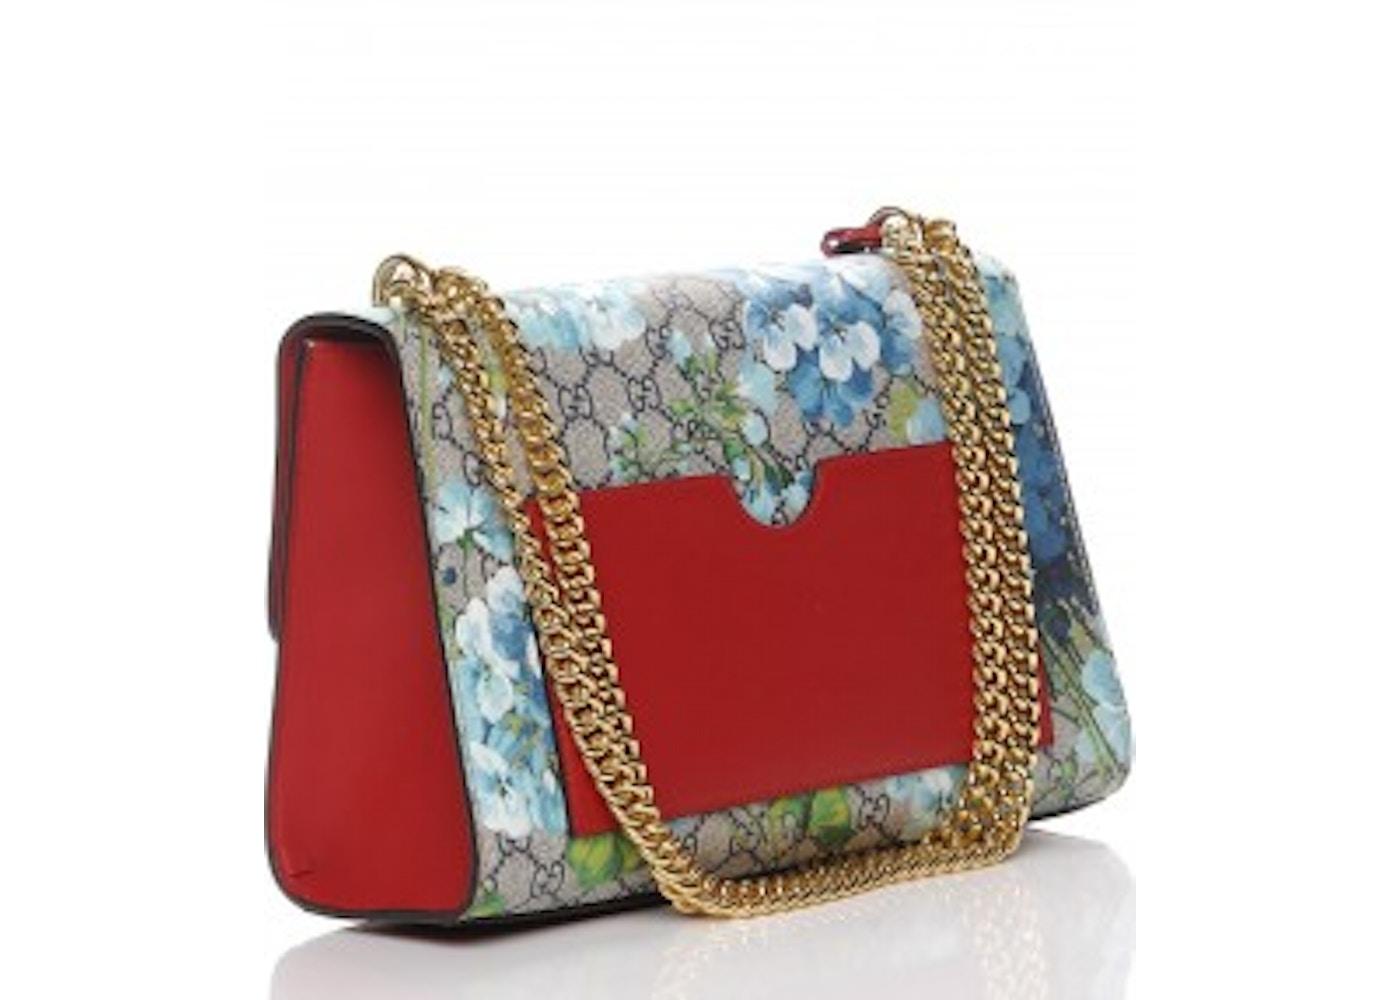 203d8e85 Gucci Padlock Shoulder Bag GG Supreme Monogram Blue Overlay Floral Print  Medium Blue/Red